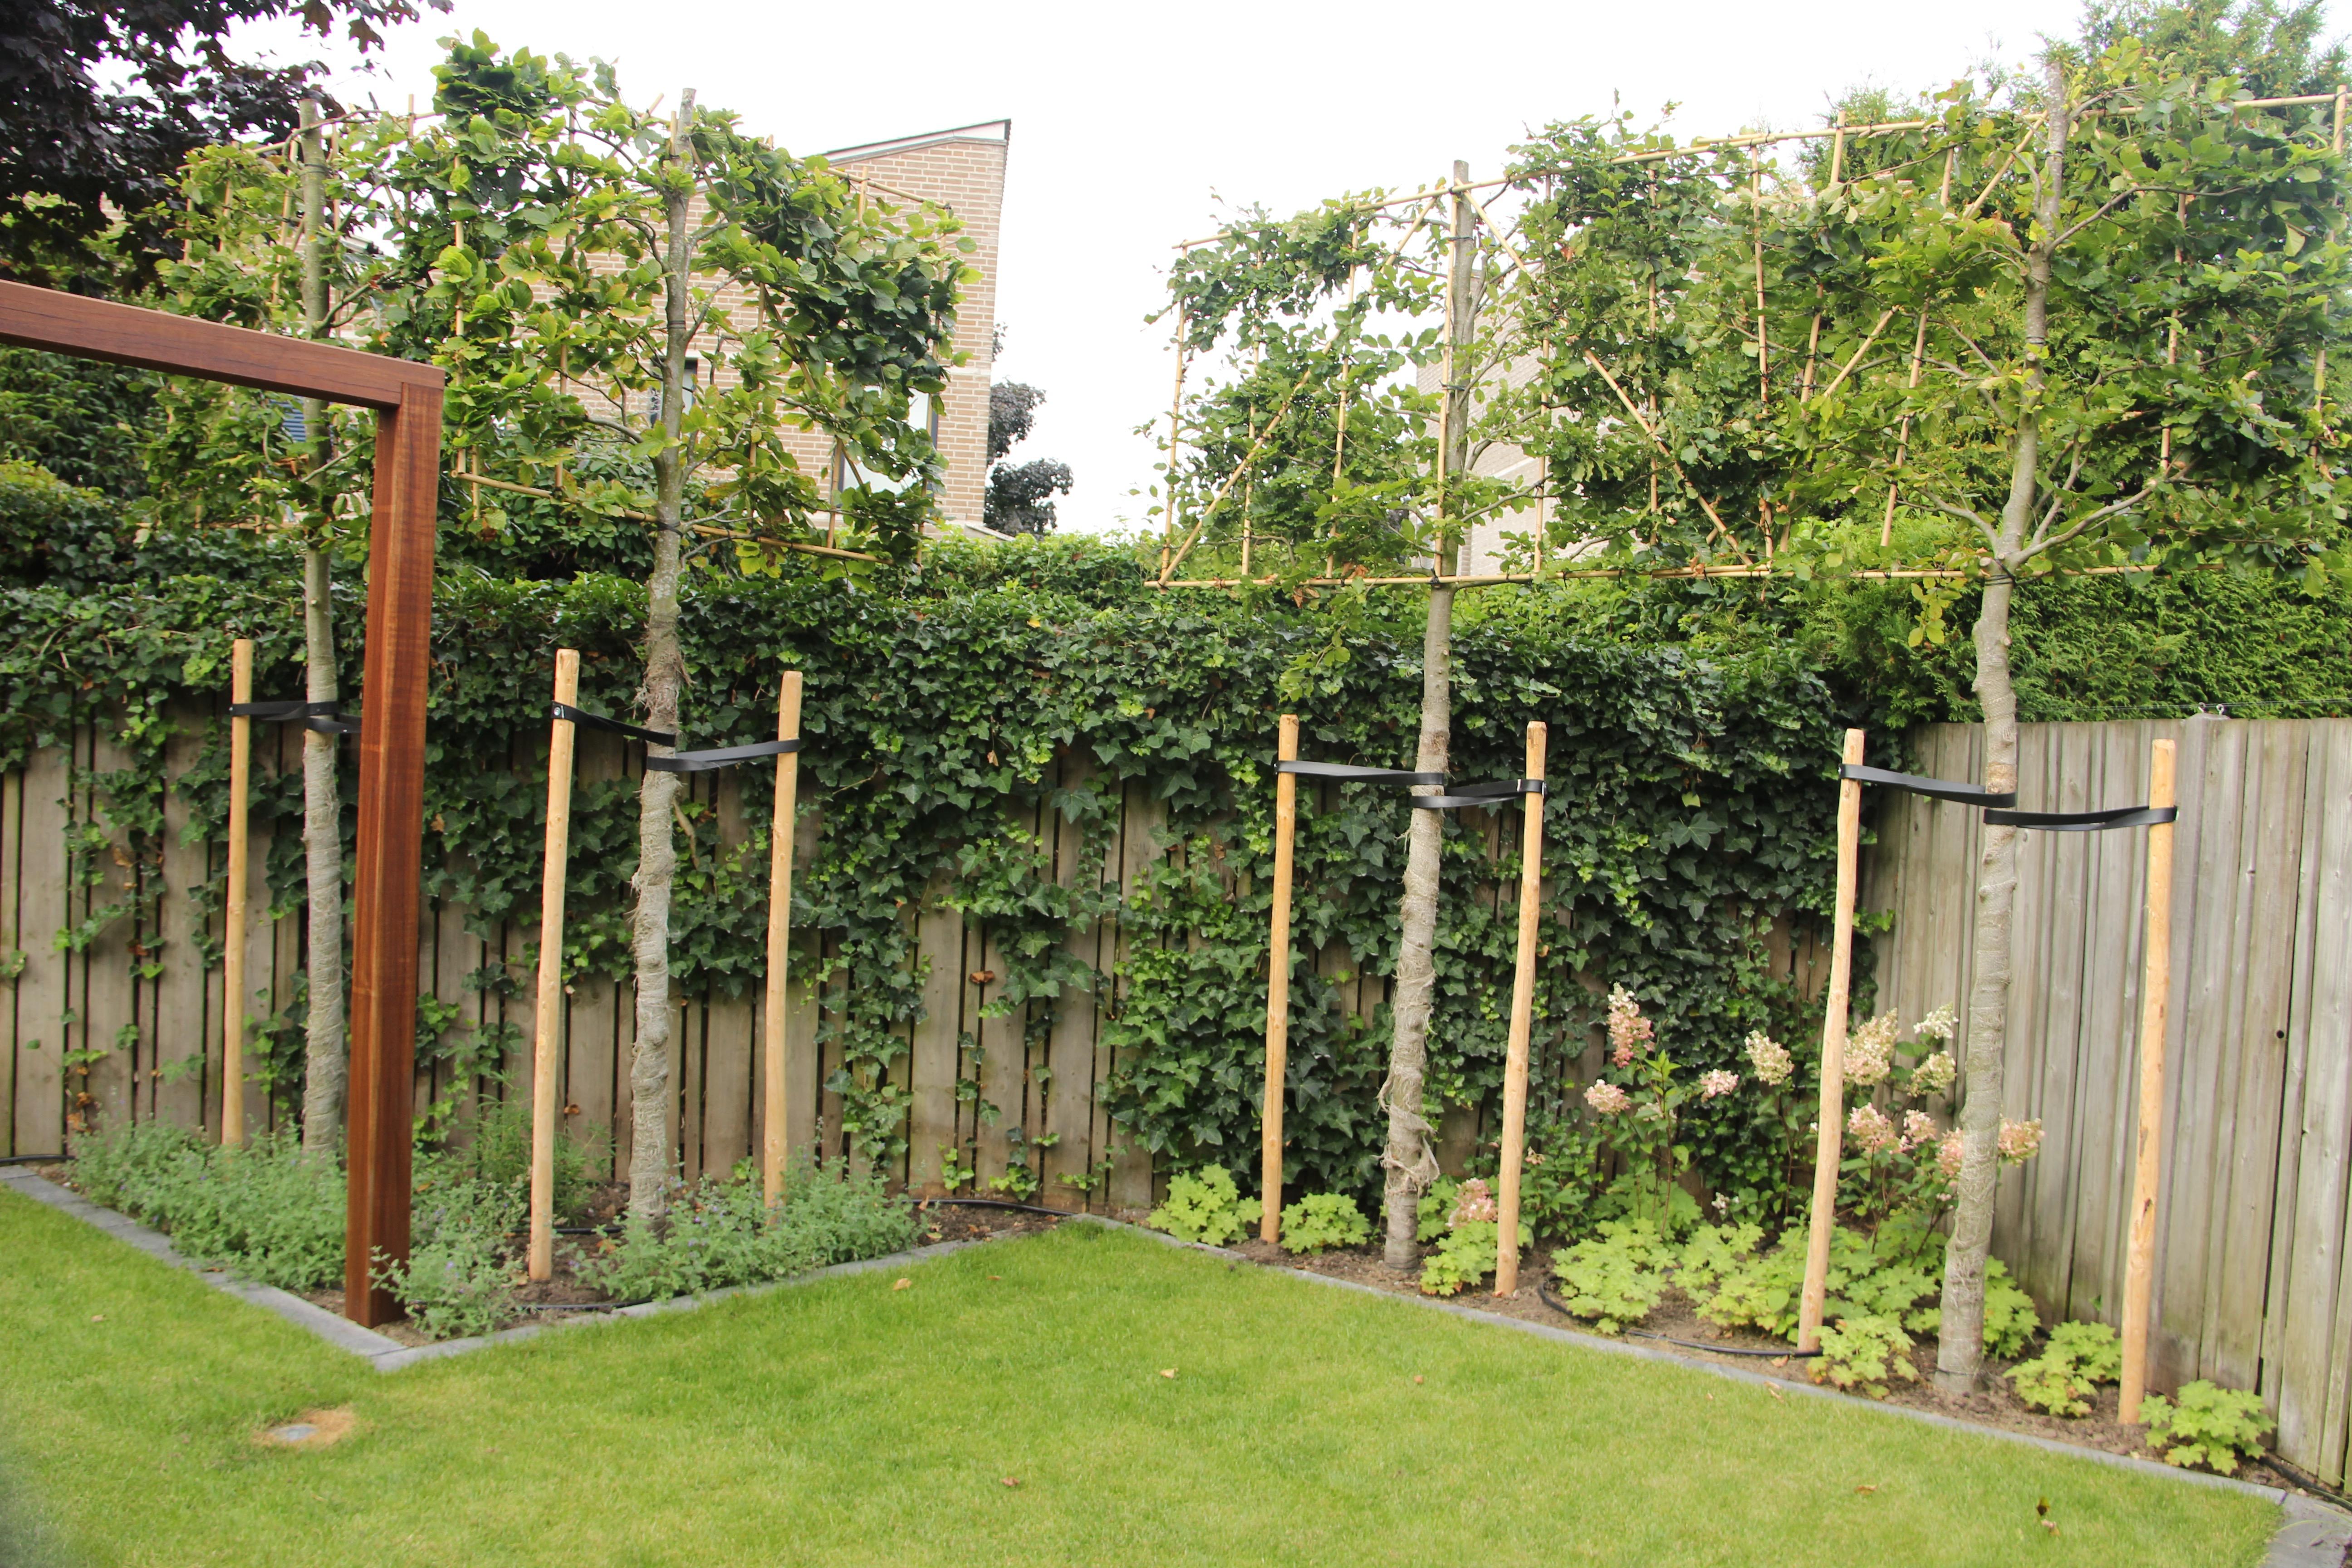 Lelijk uitzicht of inkijk kies leibomen tuinontwerp - Hoe een heuvelachtige tuin te plannen ...